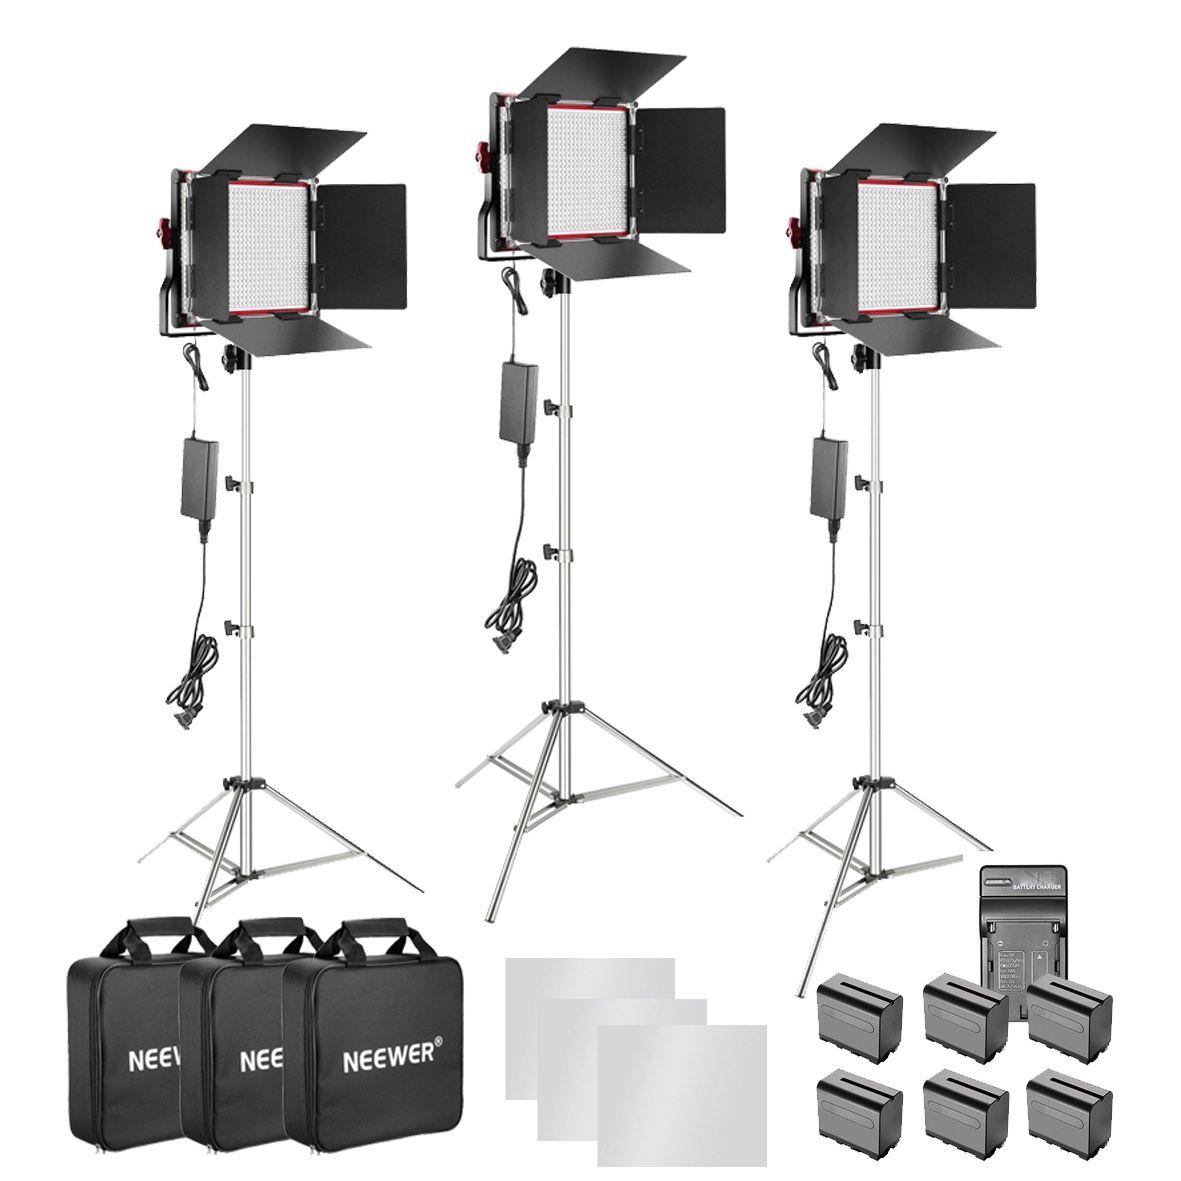 Ürün fotoğraf ve videosu için Led ışık seti